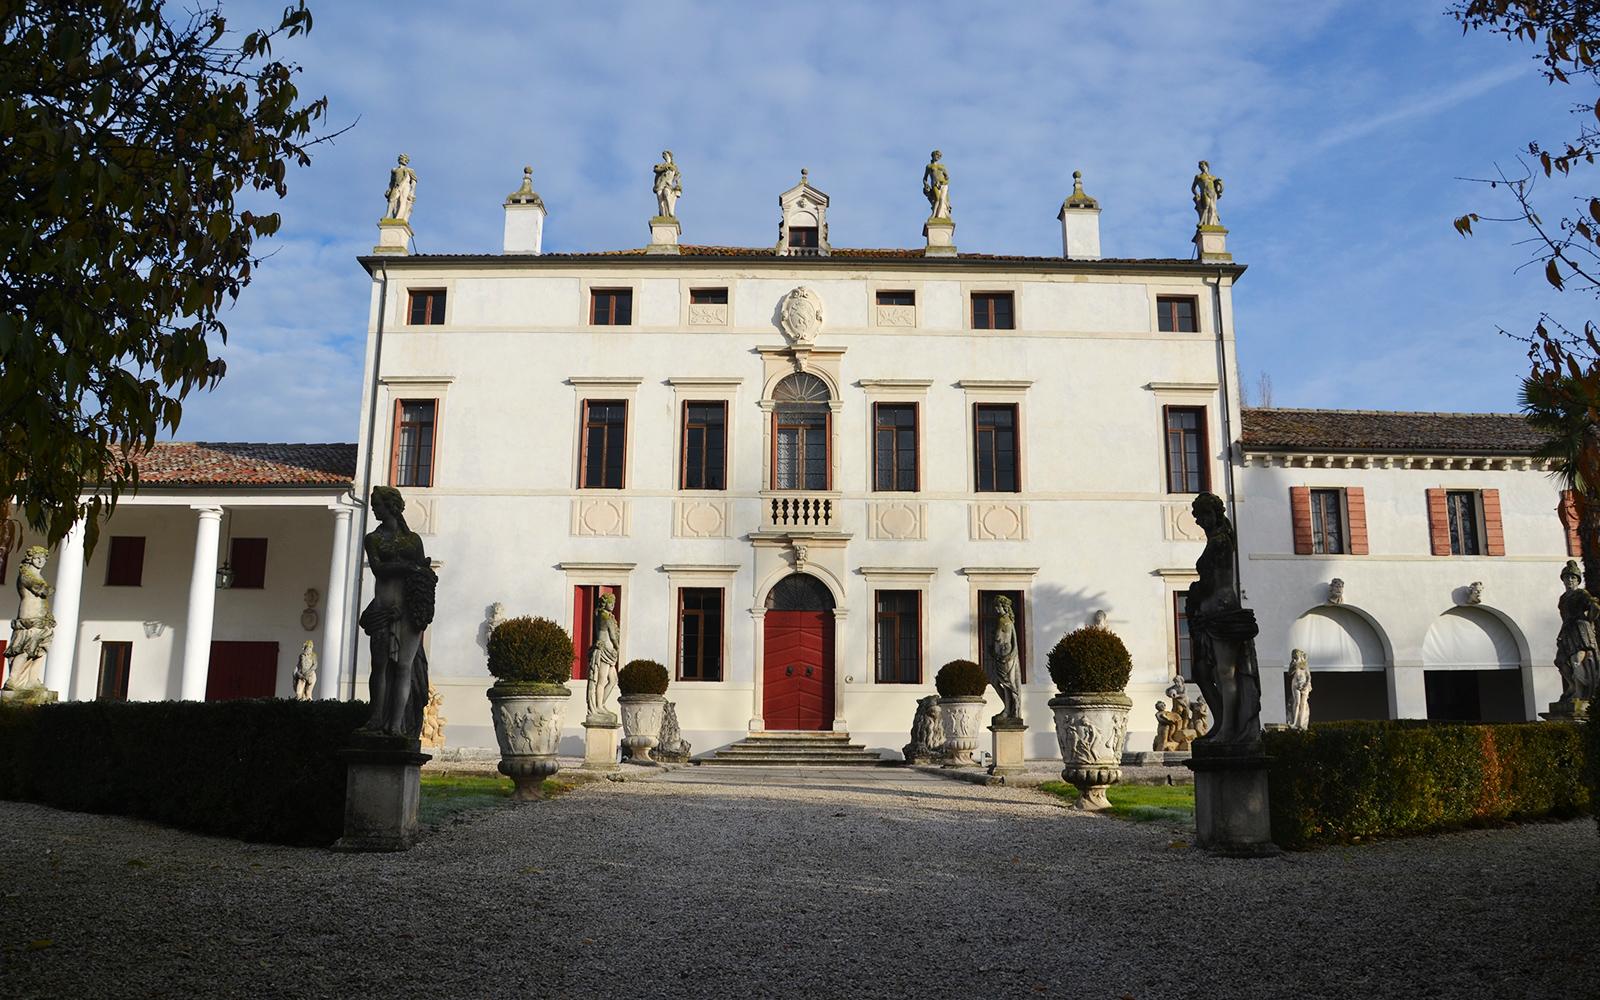 location matrimoni Vicenza, location matrimonio Padova, Location matrimonio Vicenza , location matrimoni Padova, villa per eventi, villa per eventi Vicenza, villa per eventi Padova